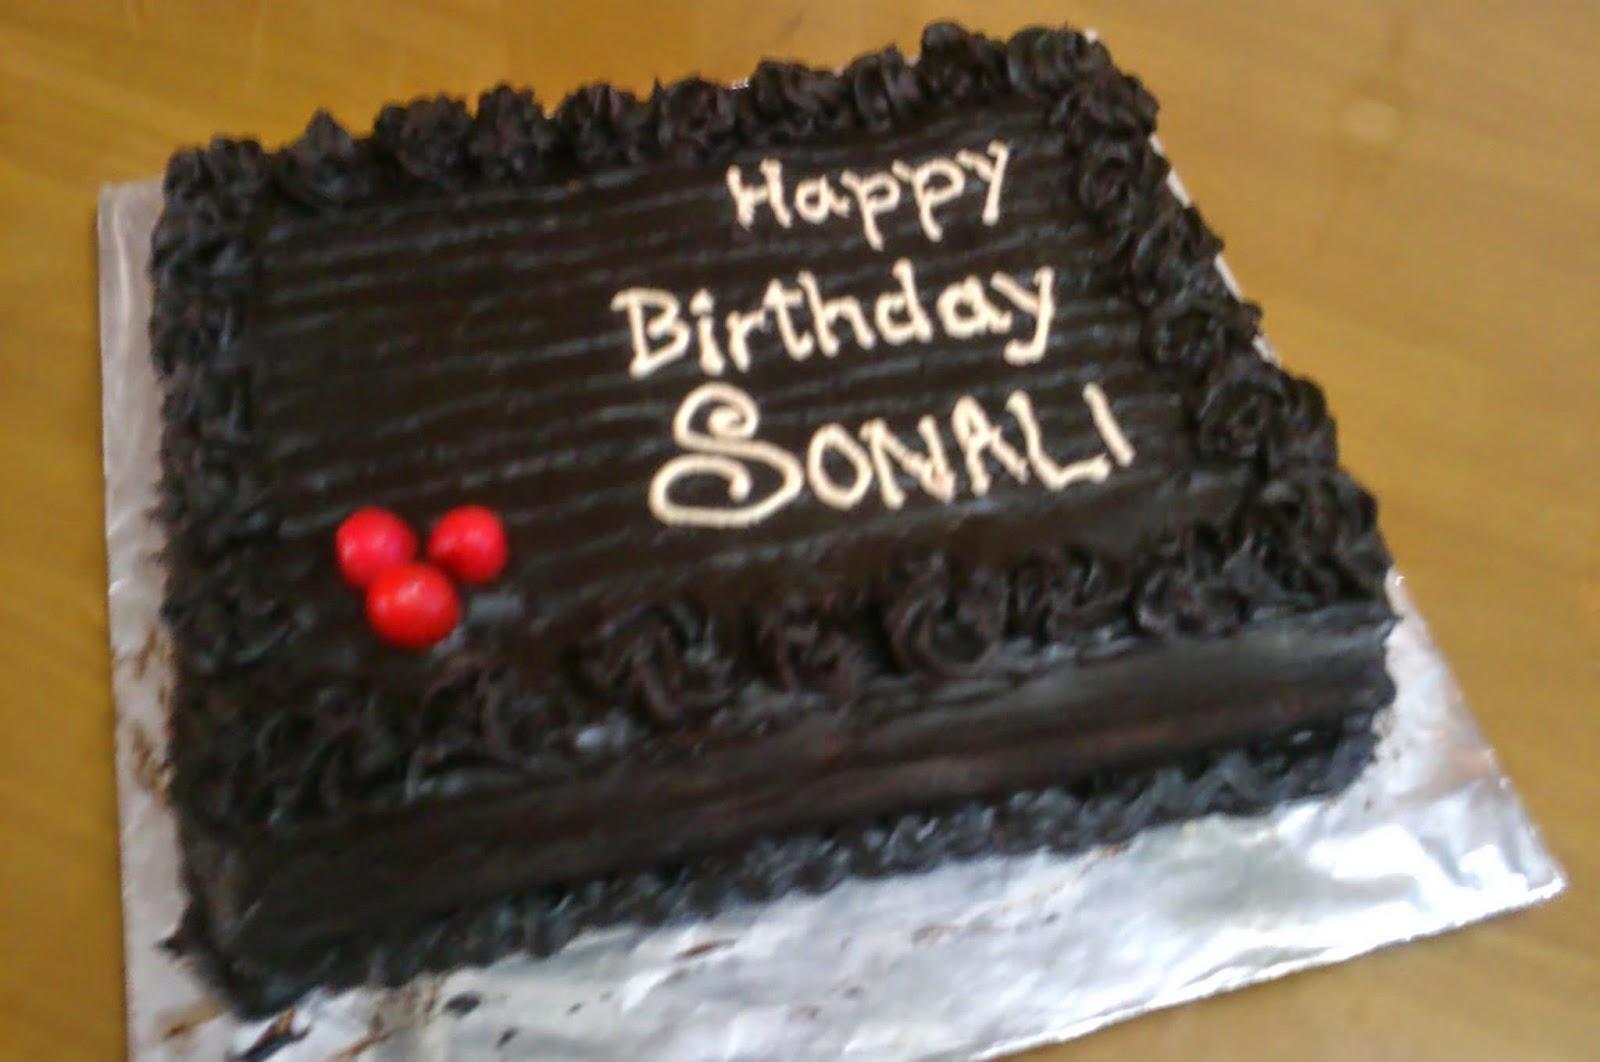 Cake Images Sonali : Birthday Cake